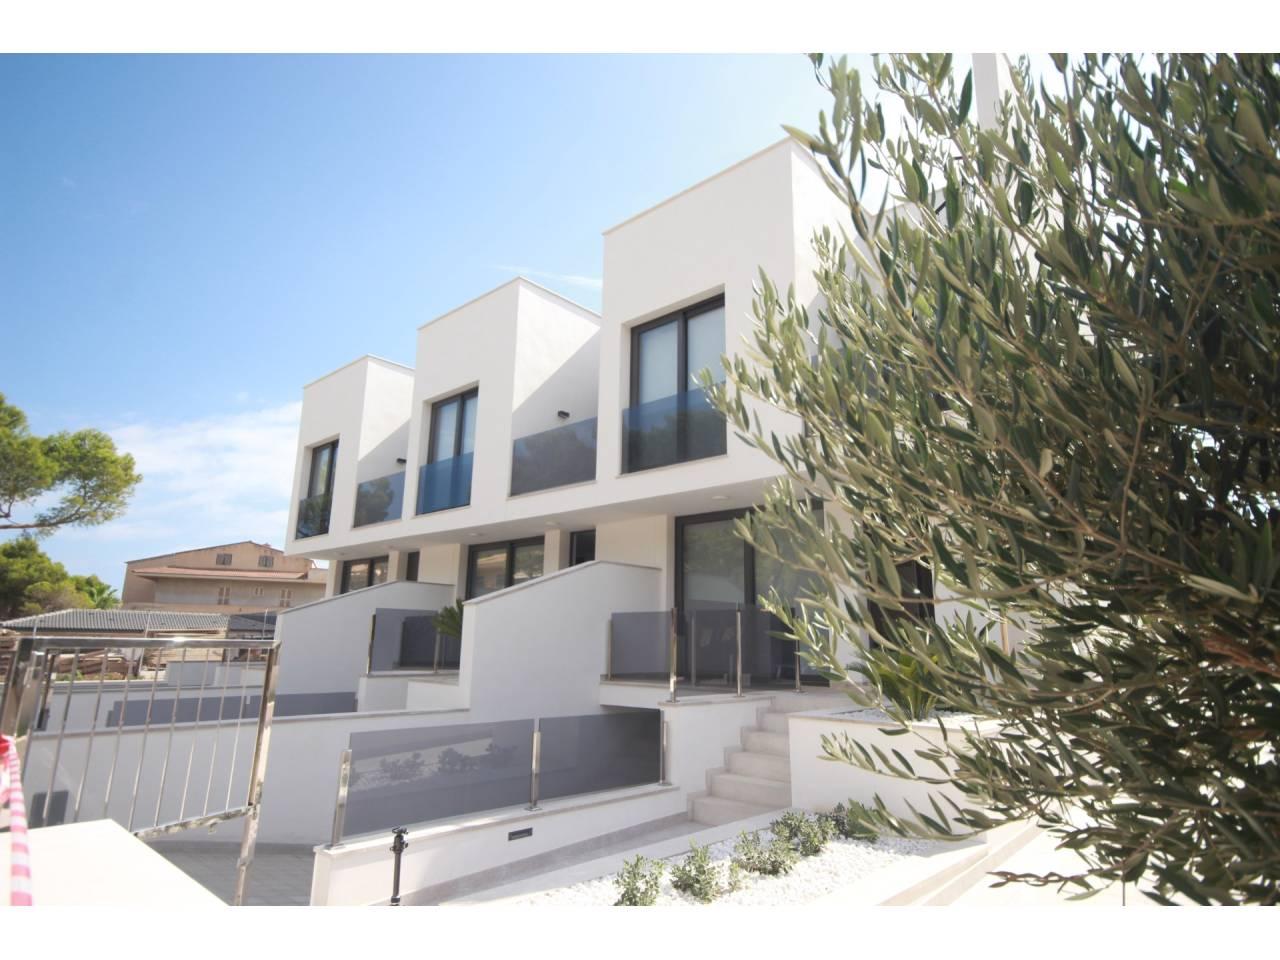 Location Maison  Urbanización las gaviotas. Chalet adosado de nueva construcción a estrenar en la zona de so